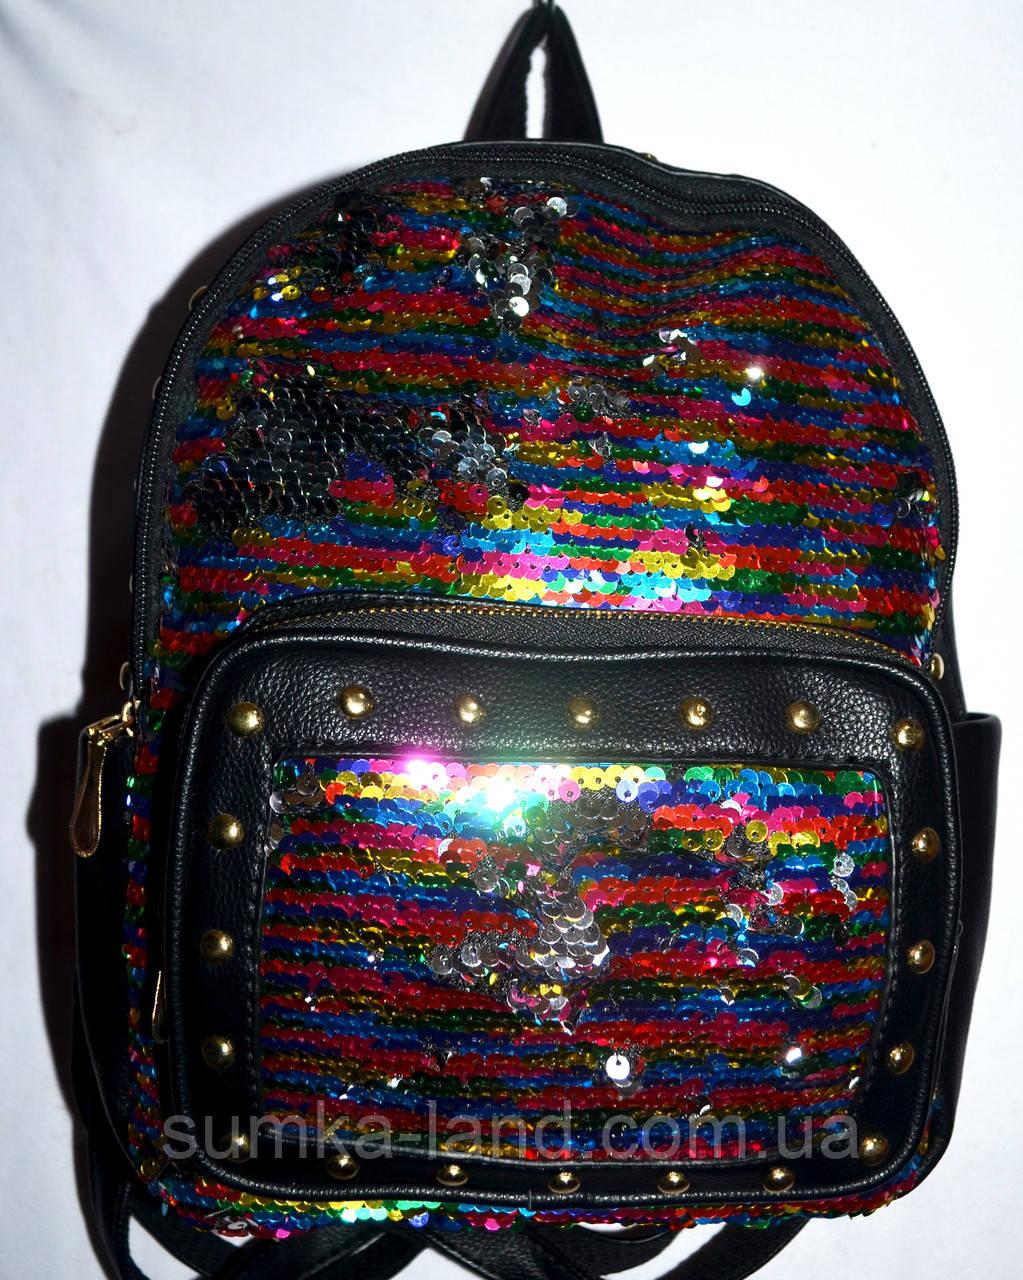 dc32aaf3bbc9 Женский рюкзак с пайетками радуга 22*28 см: продажа, цена в Харькове ...